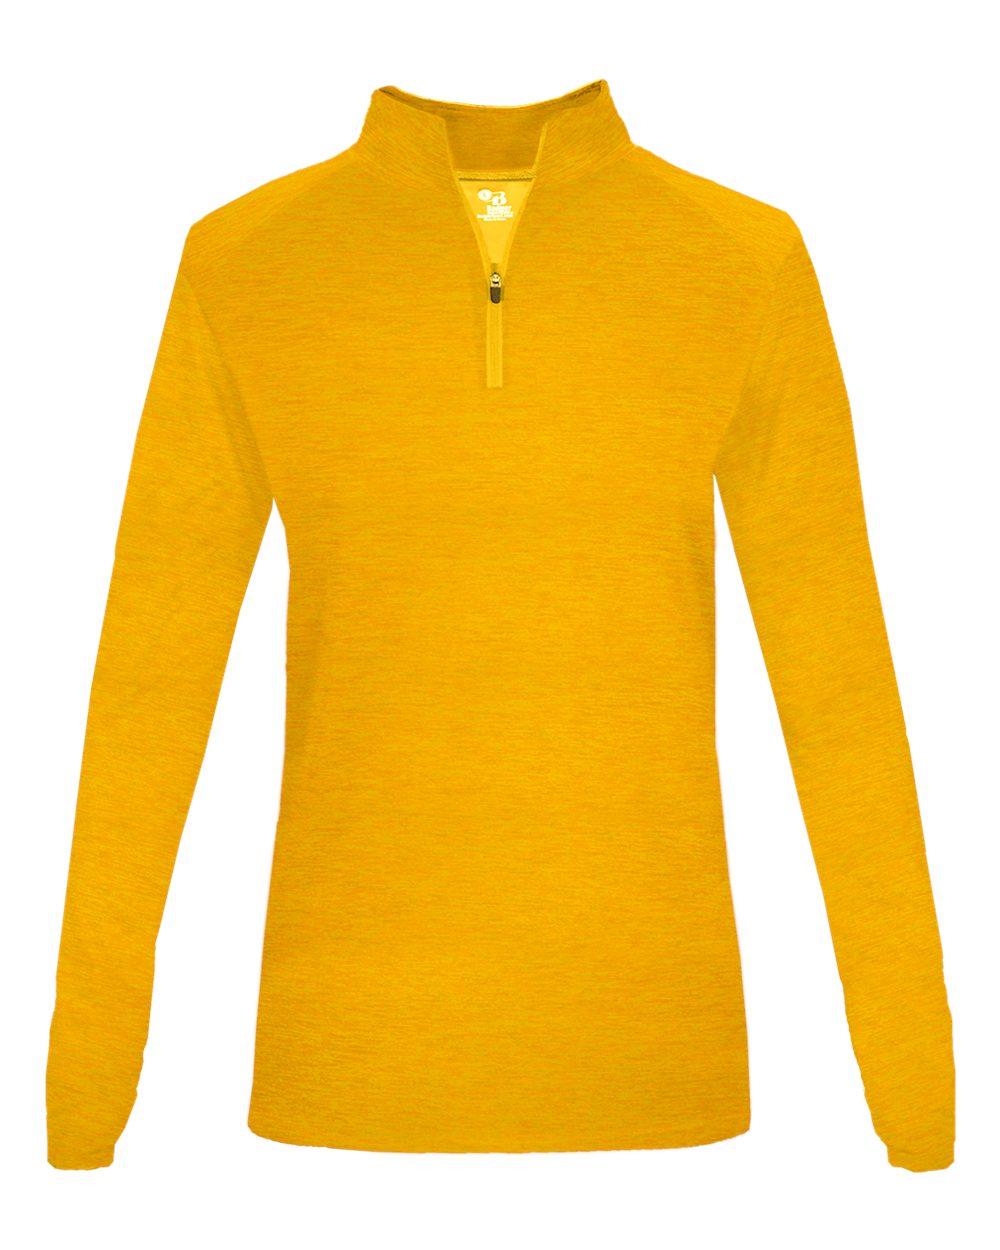 Tonal Blend Women's 1/4 Zip - Gold Tonal Blend